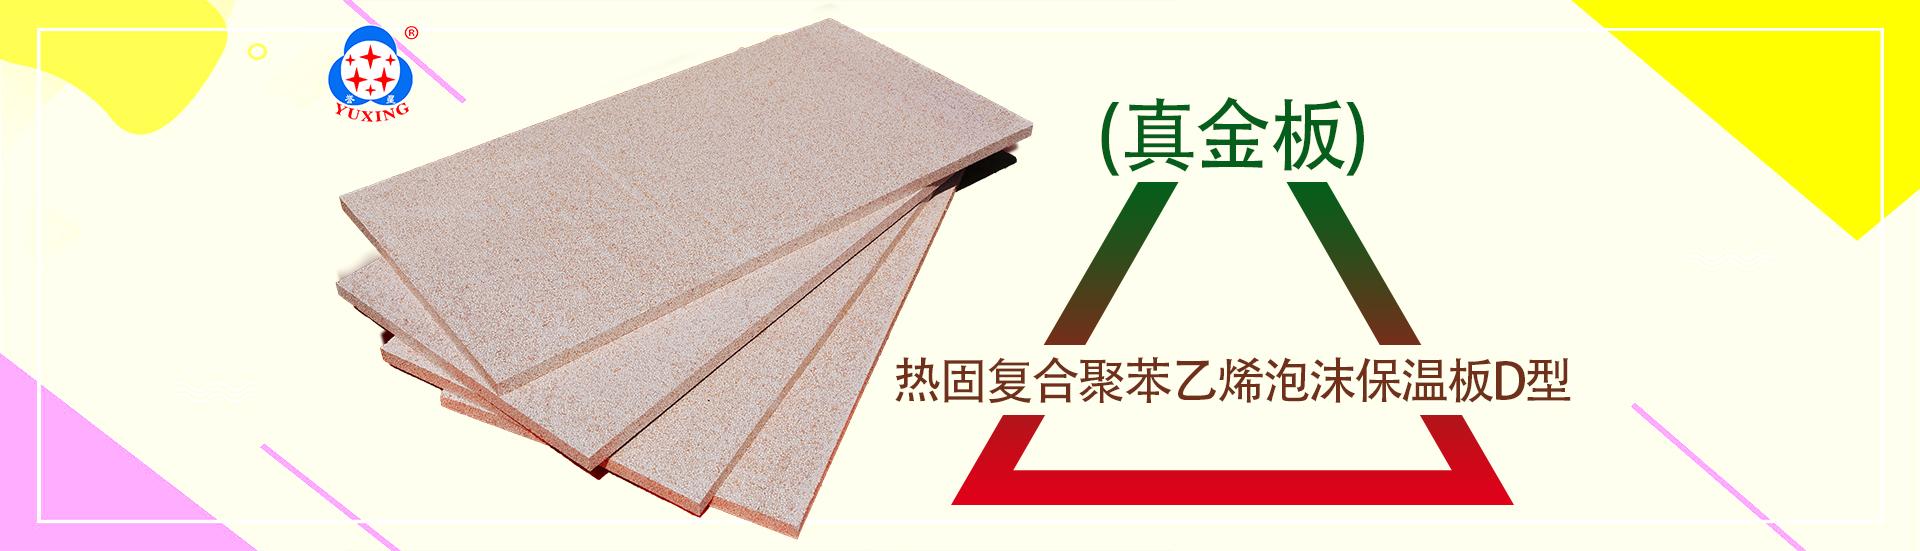 熱固復合聚苯乙烯泡沫保溫板D型(真金板)